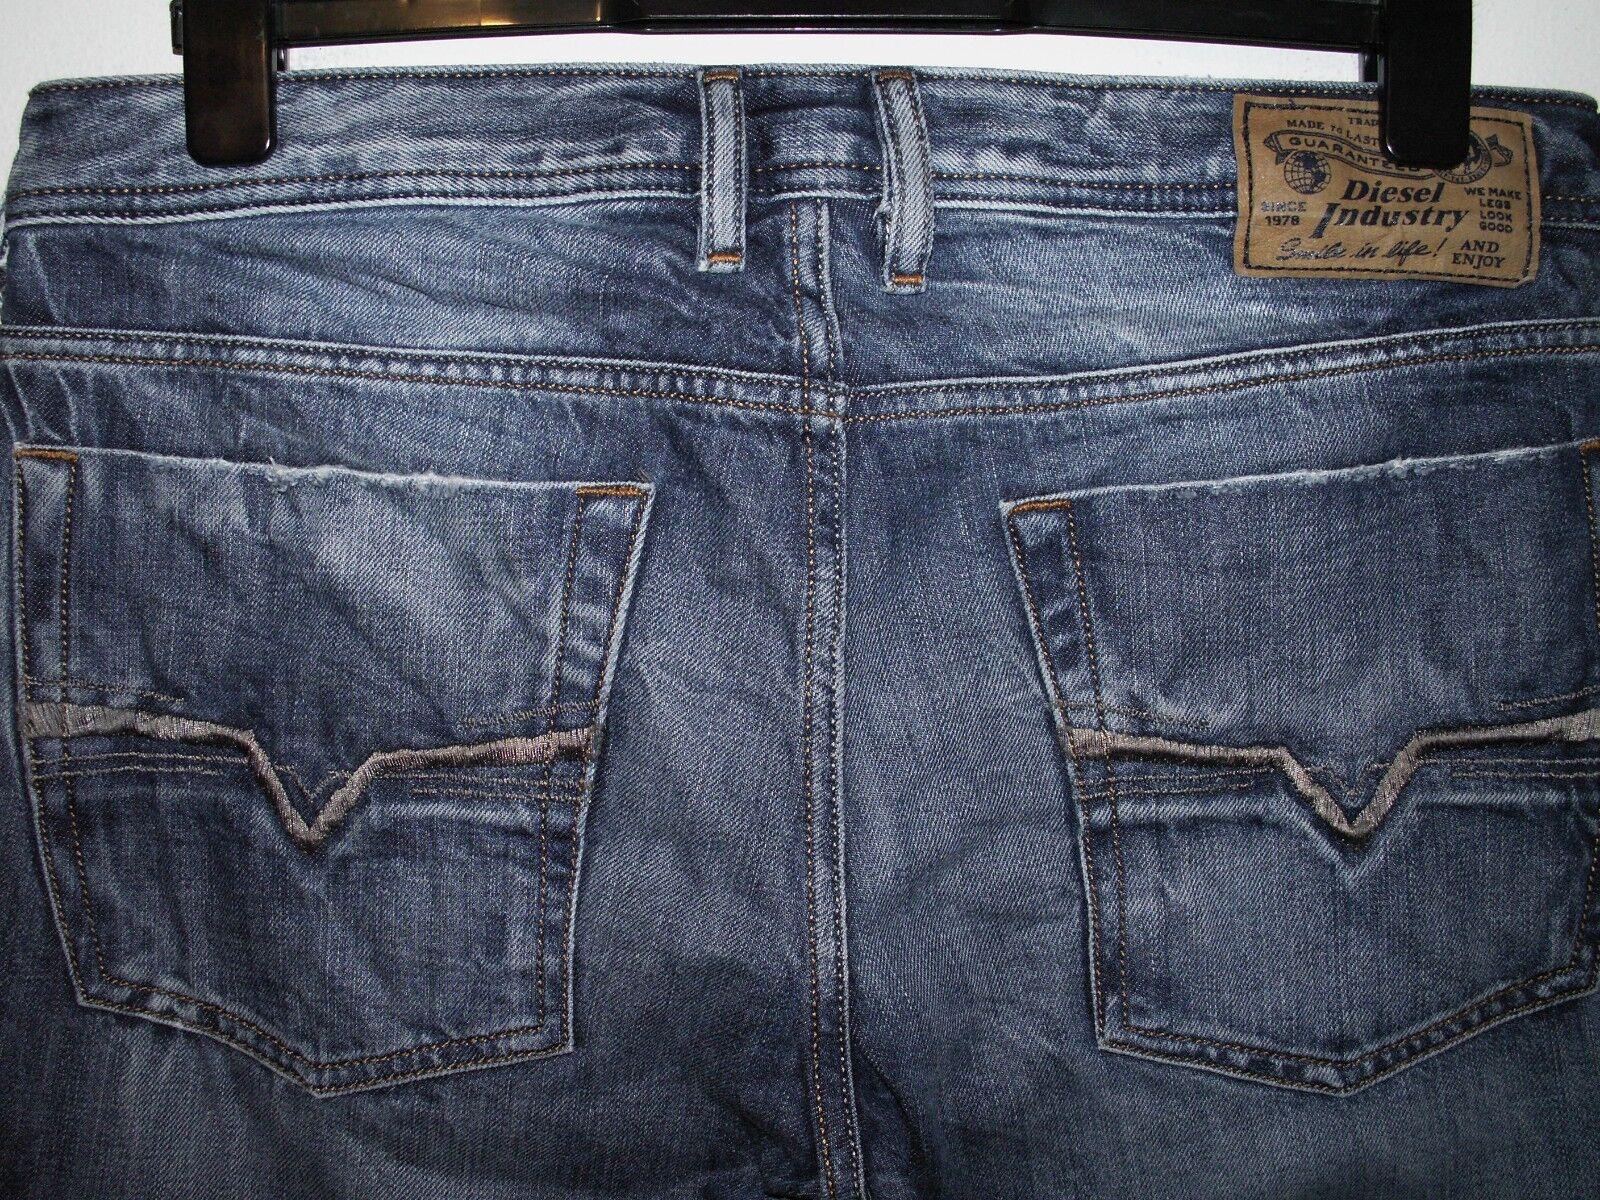 Diesel zathan bootcut jeans wash 008B9 W32 L30 (a3941)